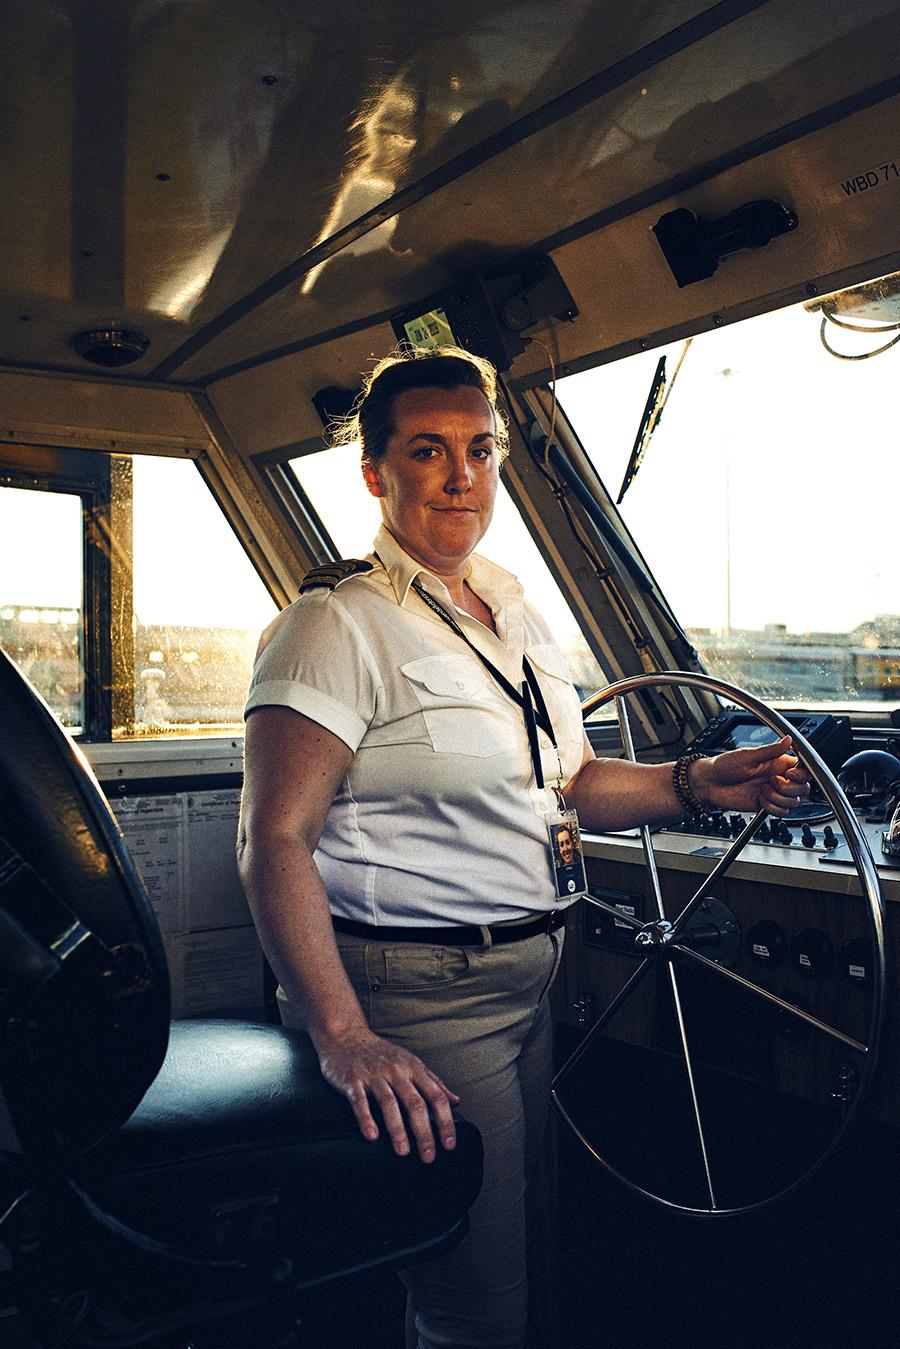 Captain Chloe West